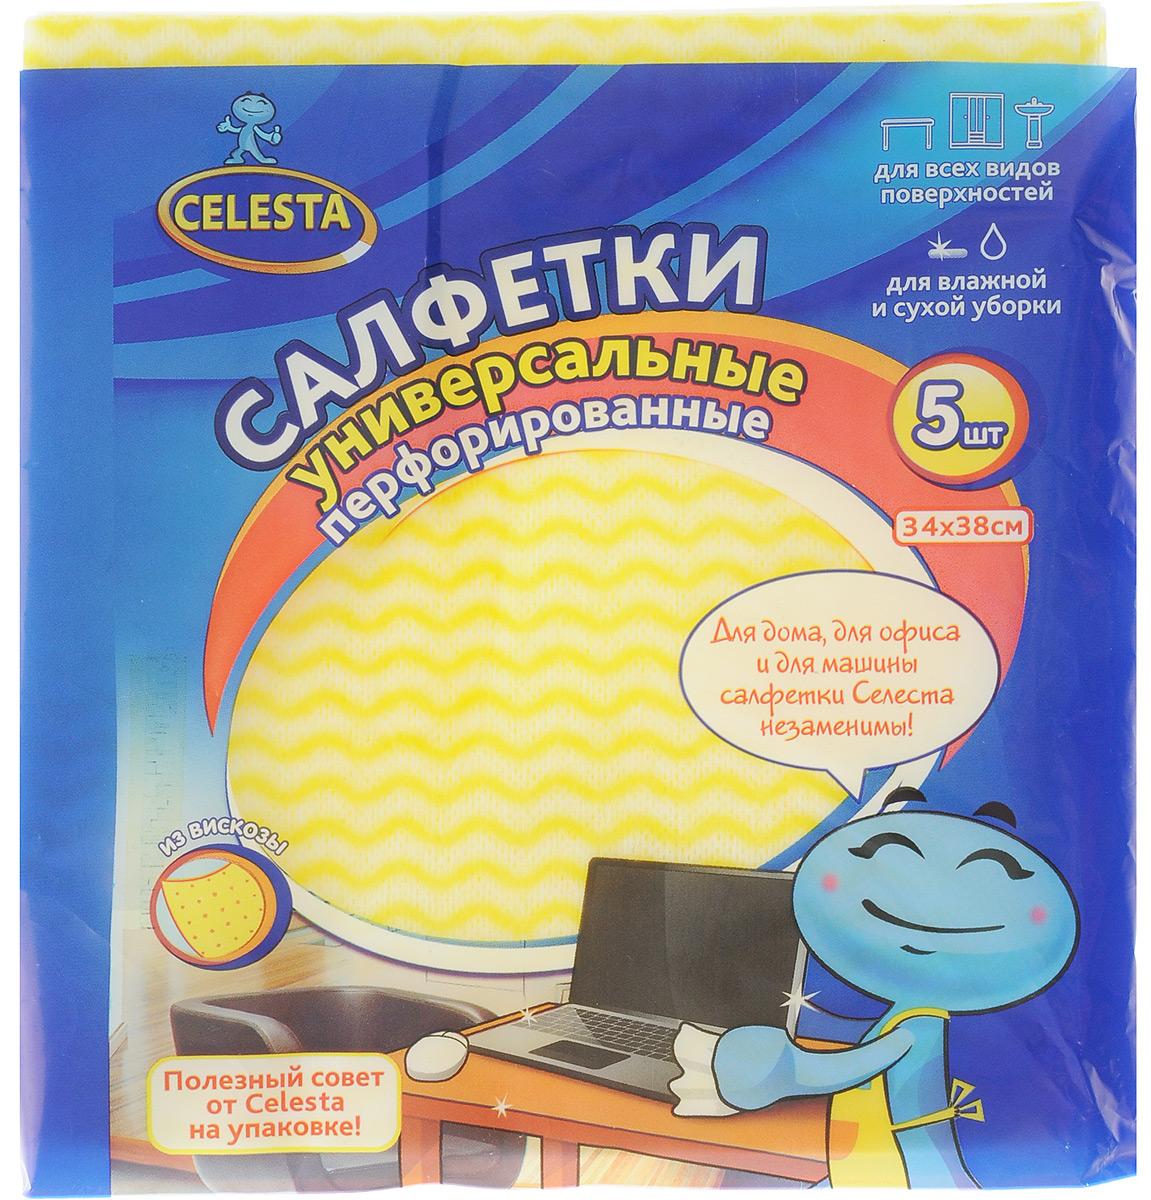 Салфетки универсальные Celesta, перфорированные, цвет: желтый, белый, 5 шт70061_голубойПерфорированные салфетки Celesta предназначены для влажной и сухой уборки. Отлично подходят для полировки разных поверхностей, не оставляют разводов и ворсинок. Идеально впитывают воду и грязь.Состав: вискозное полотно.Размер салфетки: 34 х 38 см.